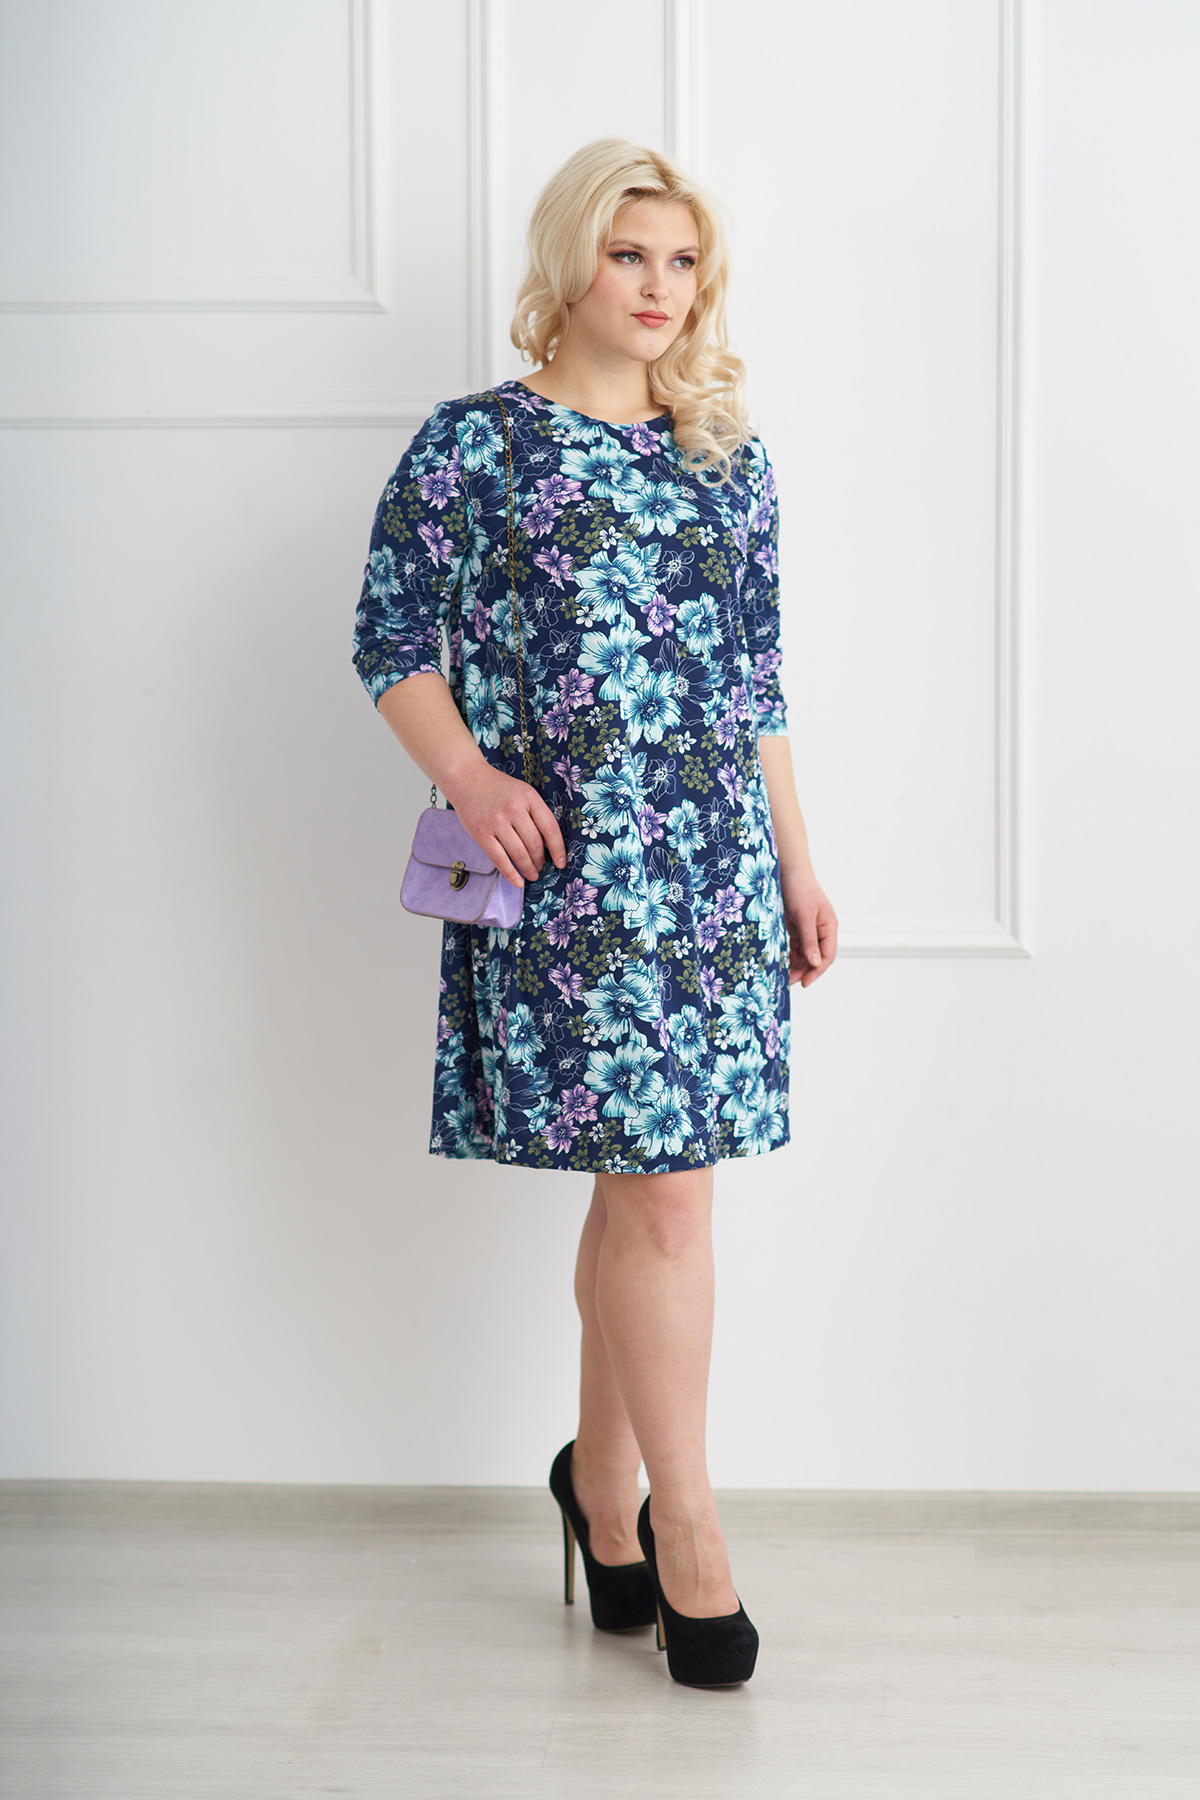 Жен. платье арт. 19-0072 Голубой р. 58Платья<br>Факт. ОГ: 122 см <br>Факт. ОТ: 132 см <br>Факт. ОБ: 152 см <br>Длина по спинке: 100 см<br><br>Тип: Жен. платье<br>Размер: 58<br>Материал: Трикотажное полотно